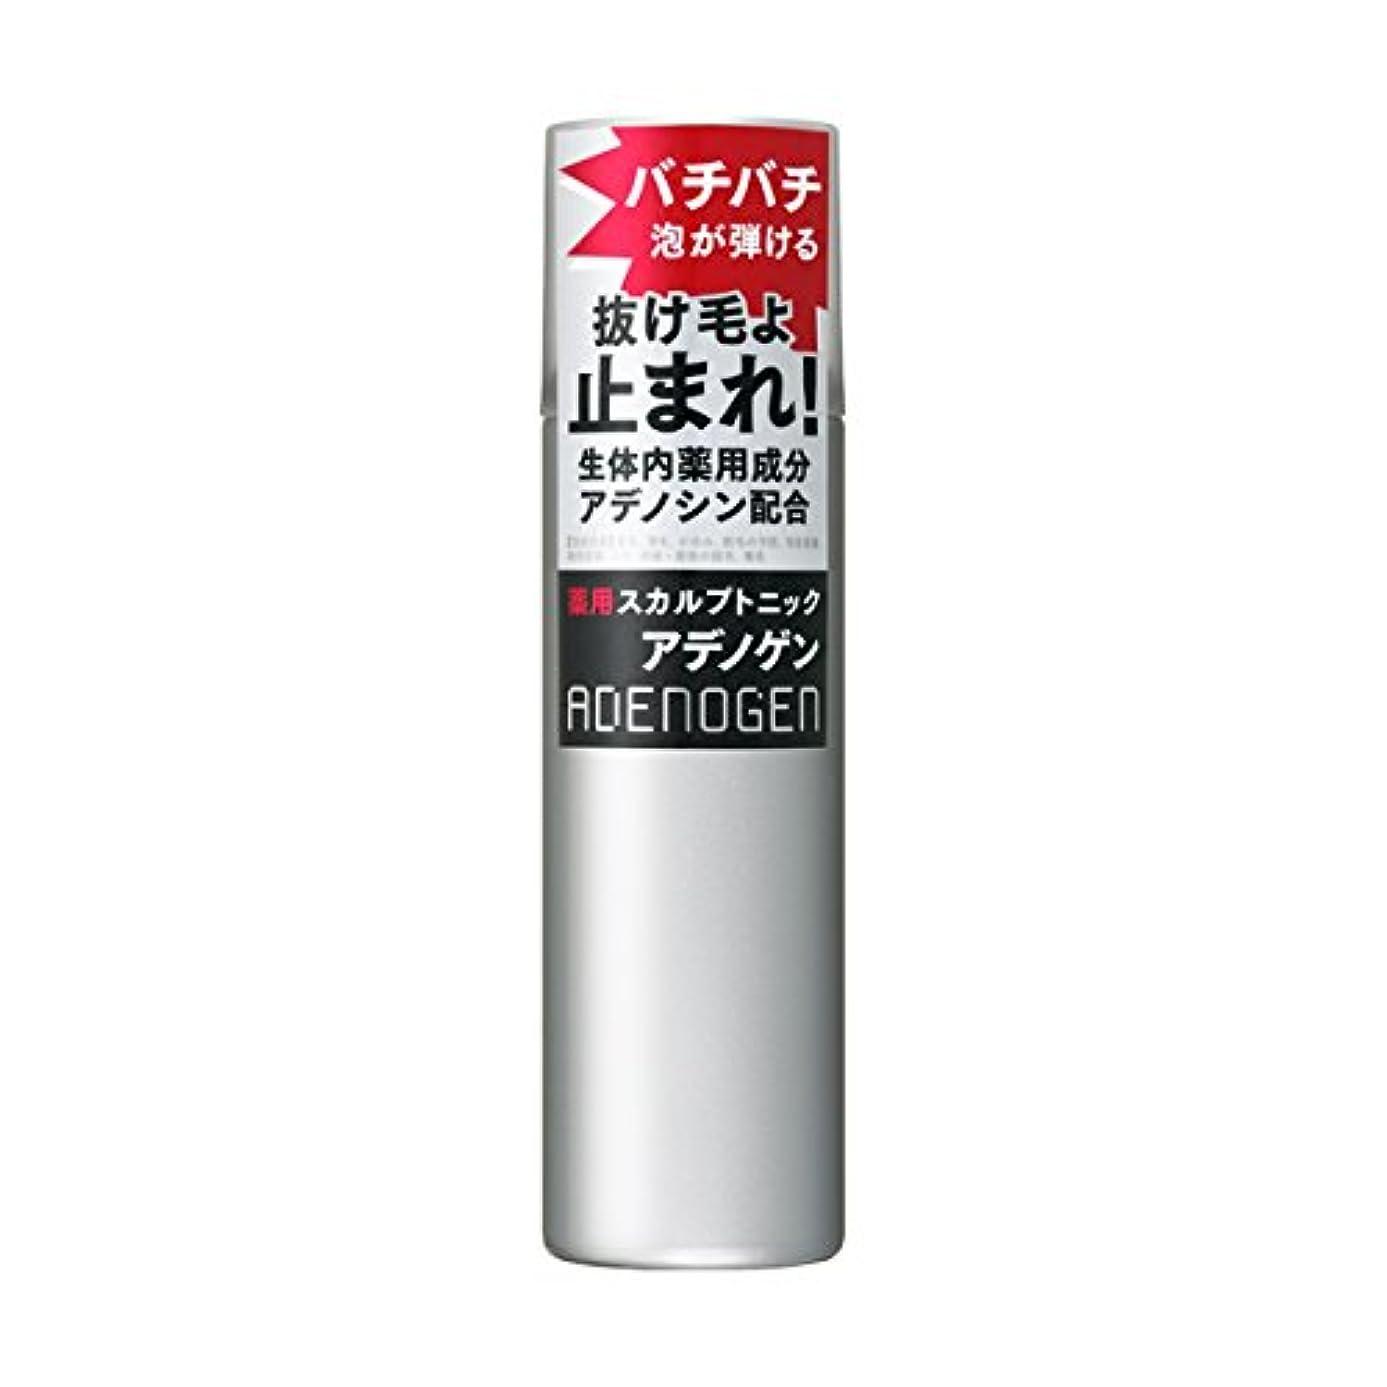 価格何へこみアデノゲン 薬用スカルプトニック 130g 【医薬部外品】